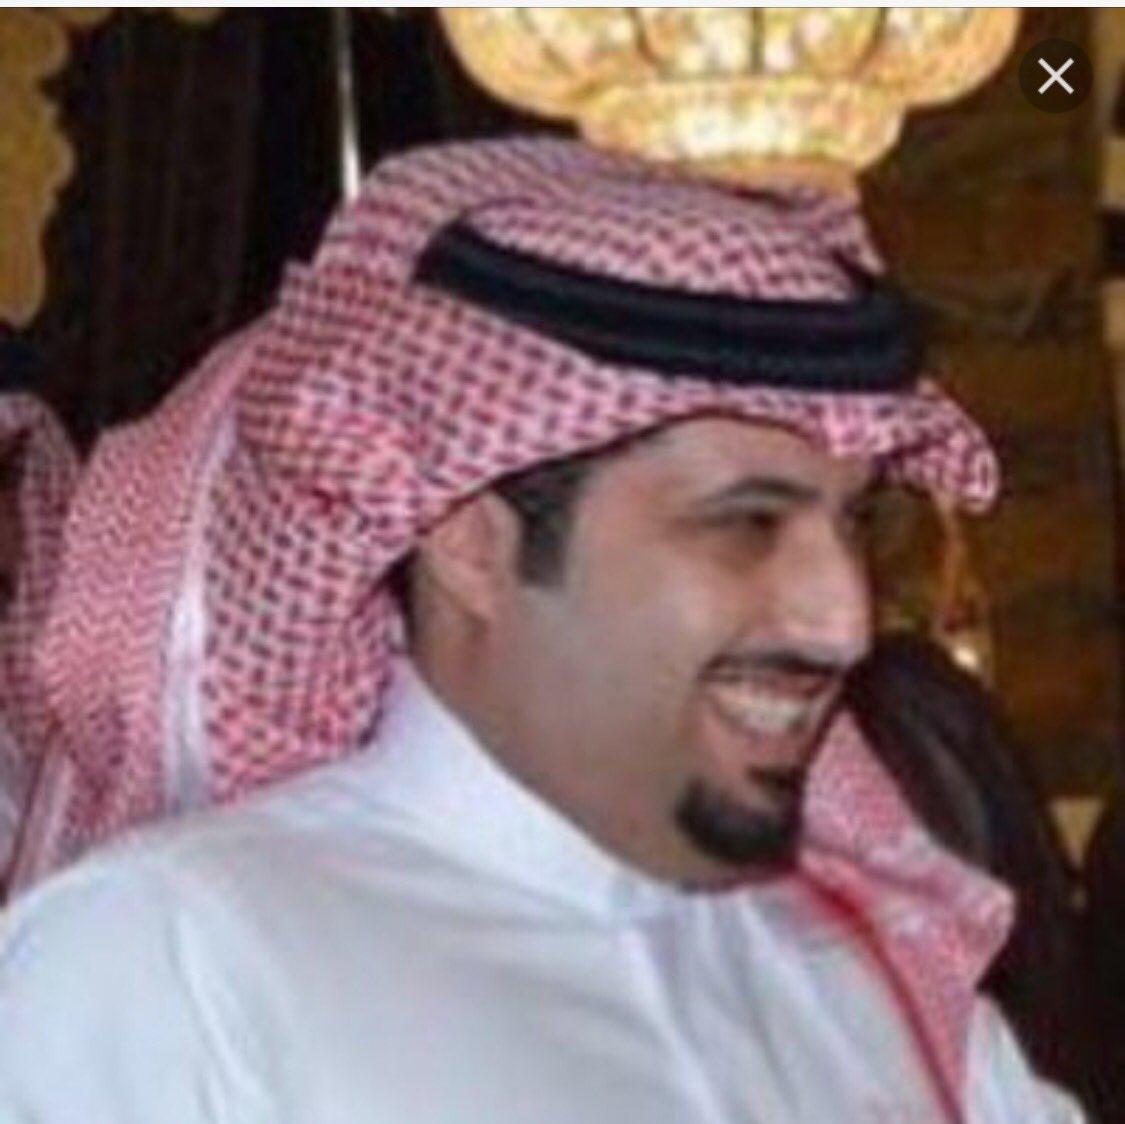 عبدالله اليوسف على تويتر فوز قد يكون غير مقنع حققه التعاون